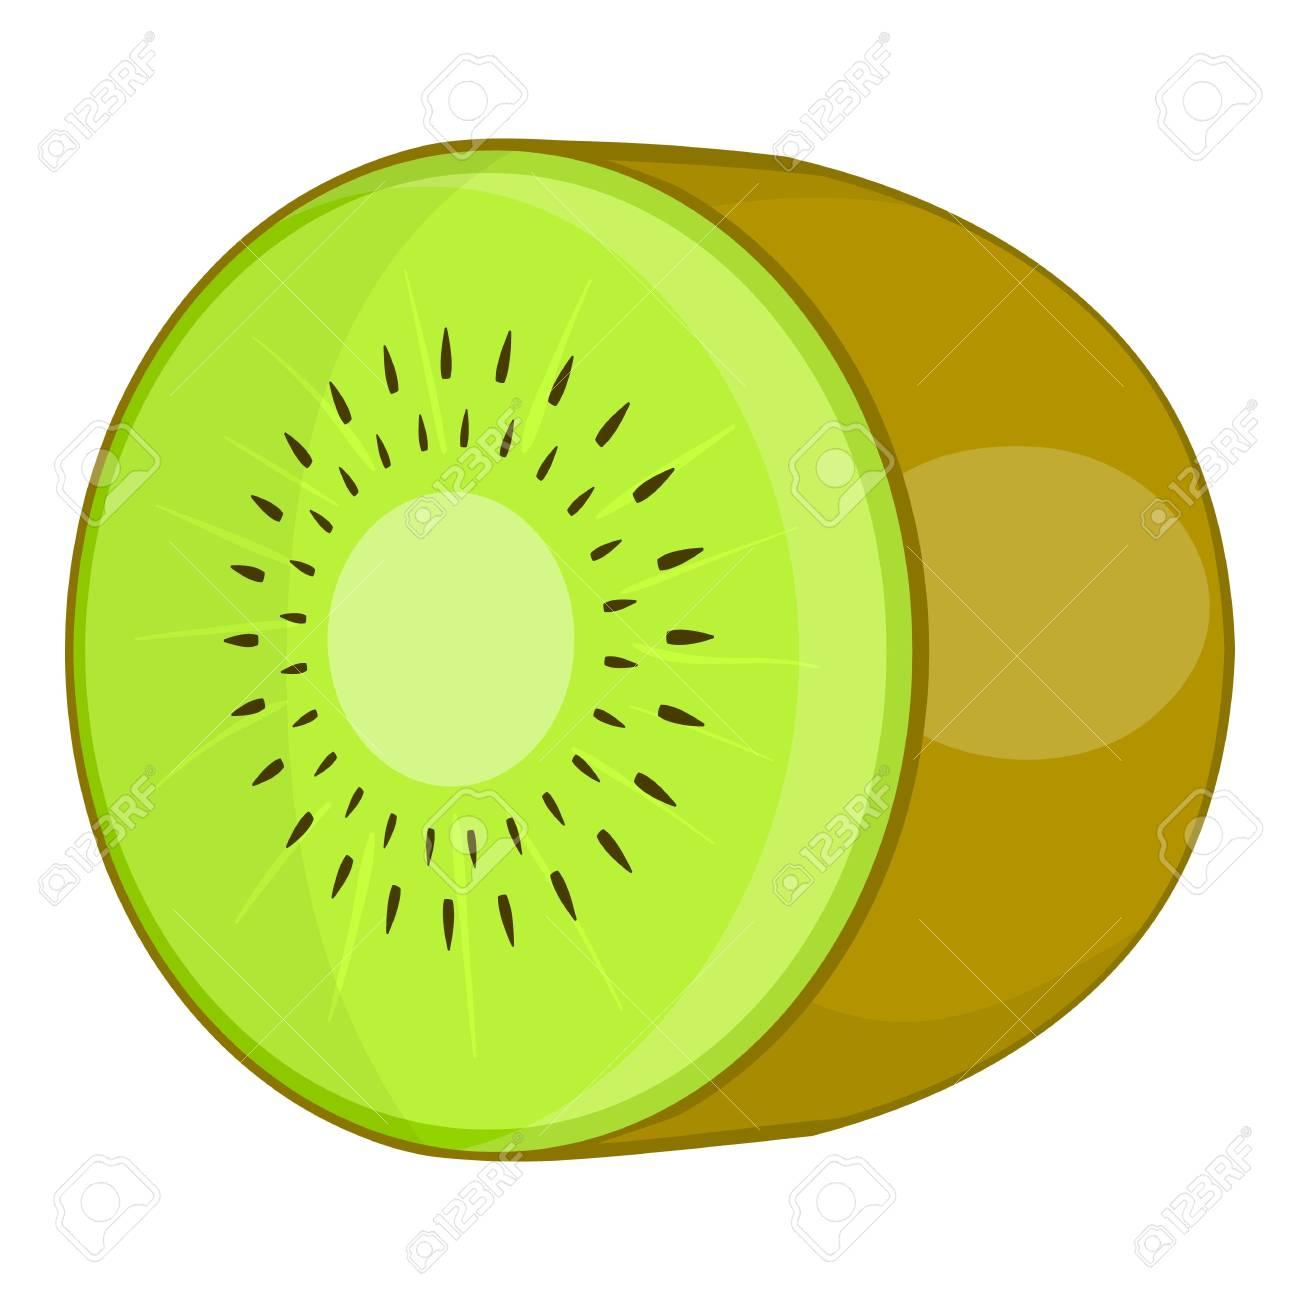 Resultado de imagen de icono del kiwi